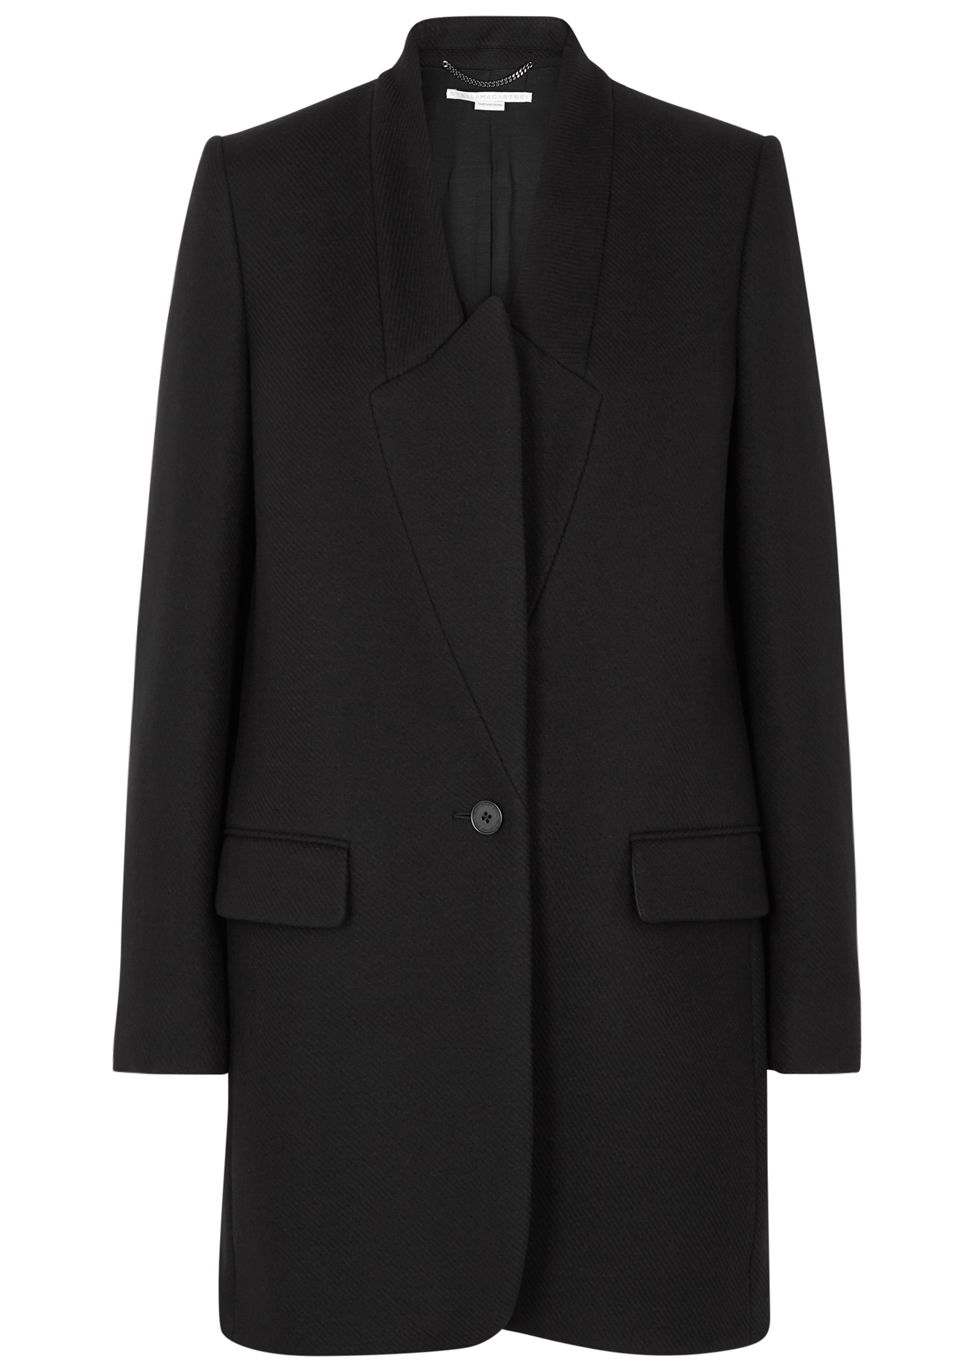 BRYCE BLACK WOOL COAT